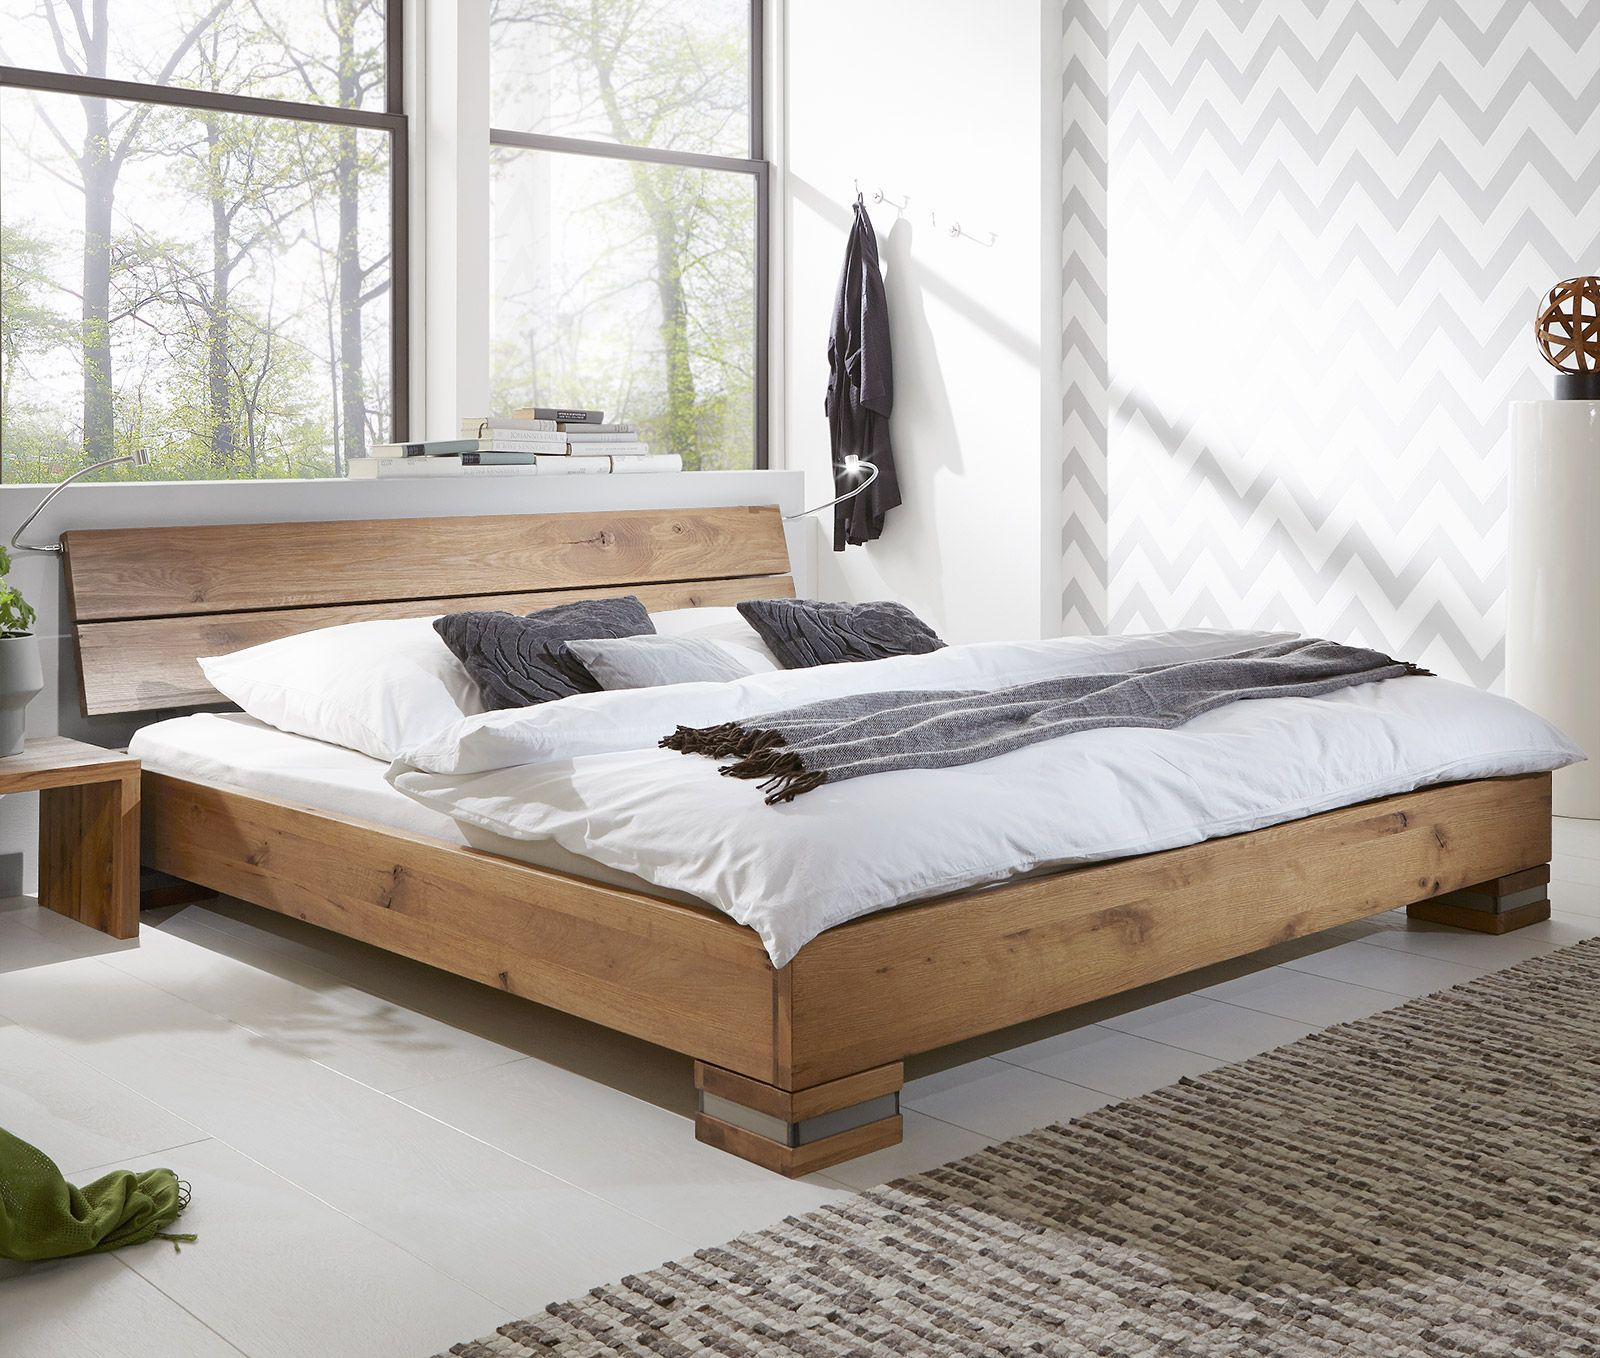 Massivholzbett Und Kopfteil In Rustikaler Eiche Curada Futon Wohnzimmer Schlafzimmer Diy Diy Bett